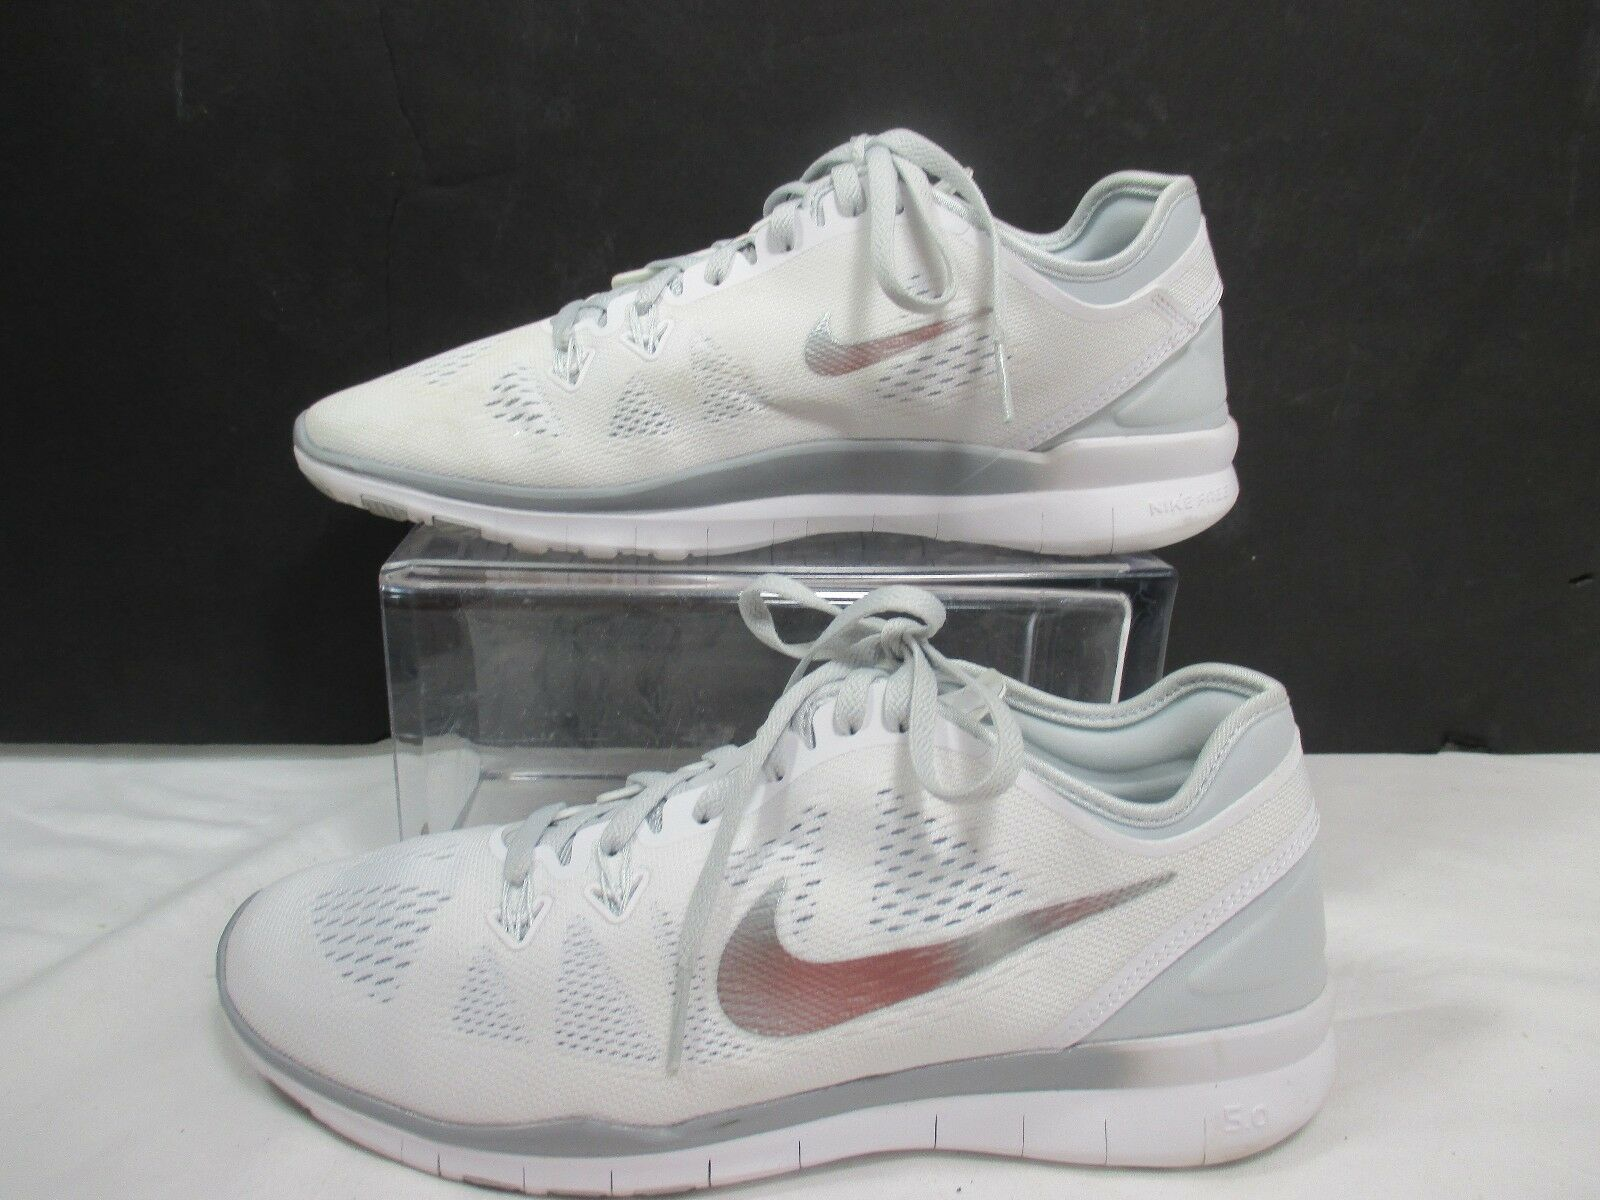 Nike White Free Sz 5.0 Tr Fit 5 Training Shoes Sz Free 8.5 EUC b1c71b